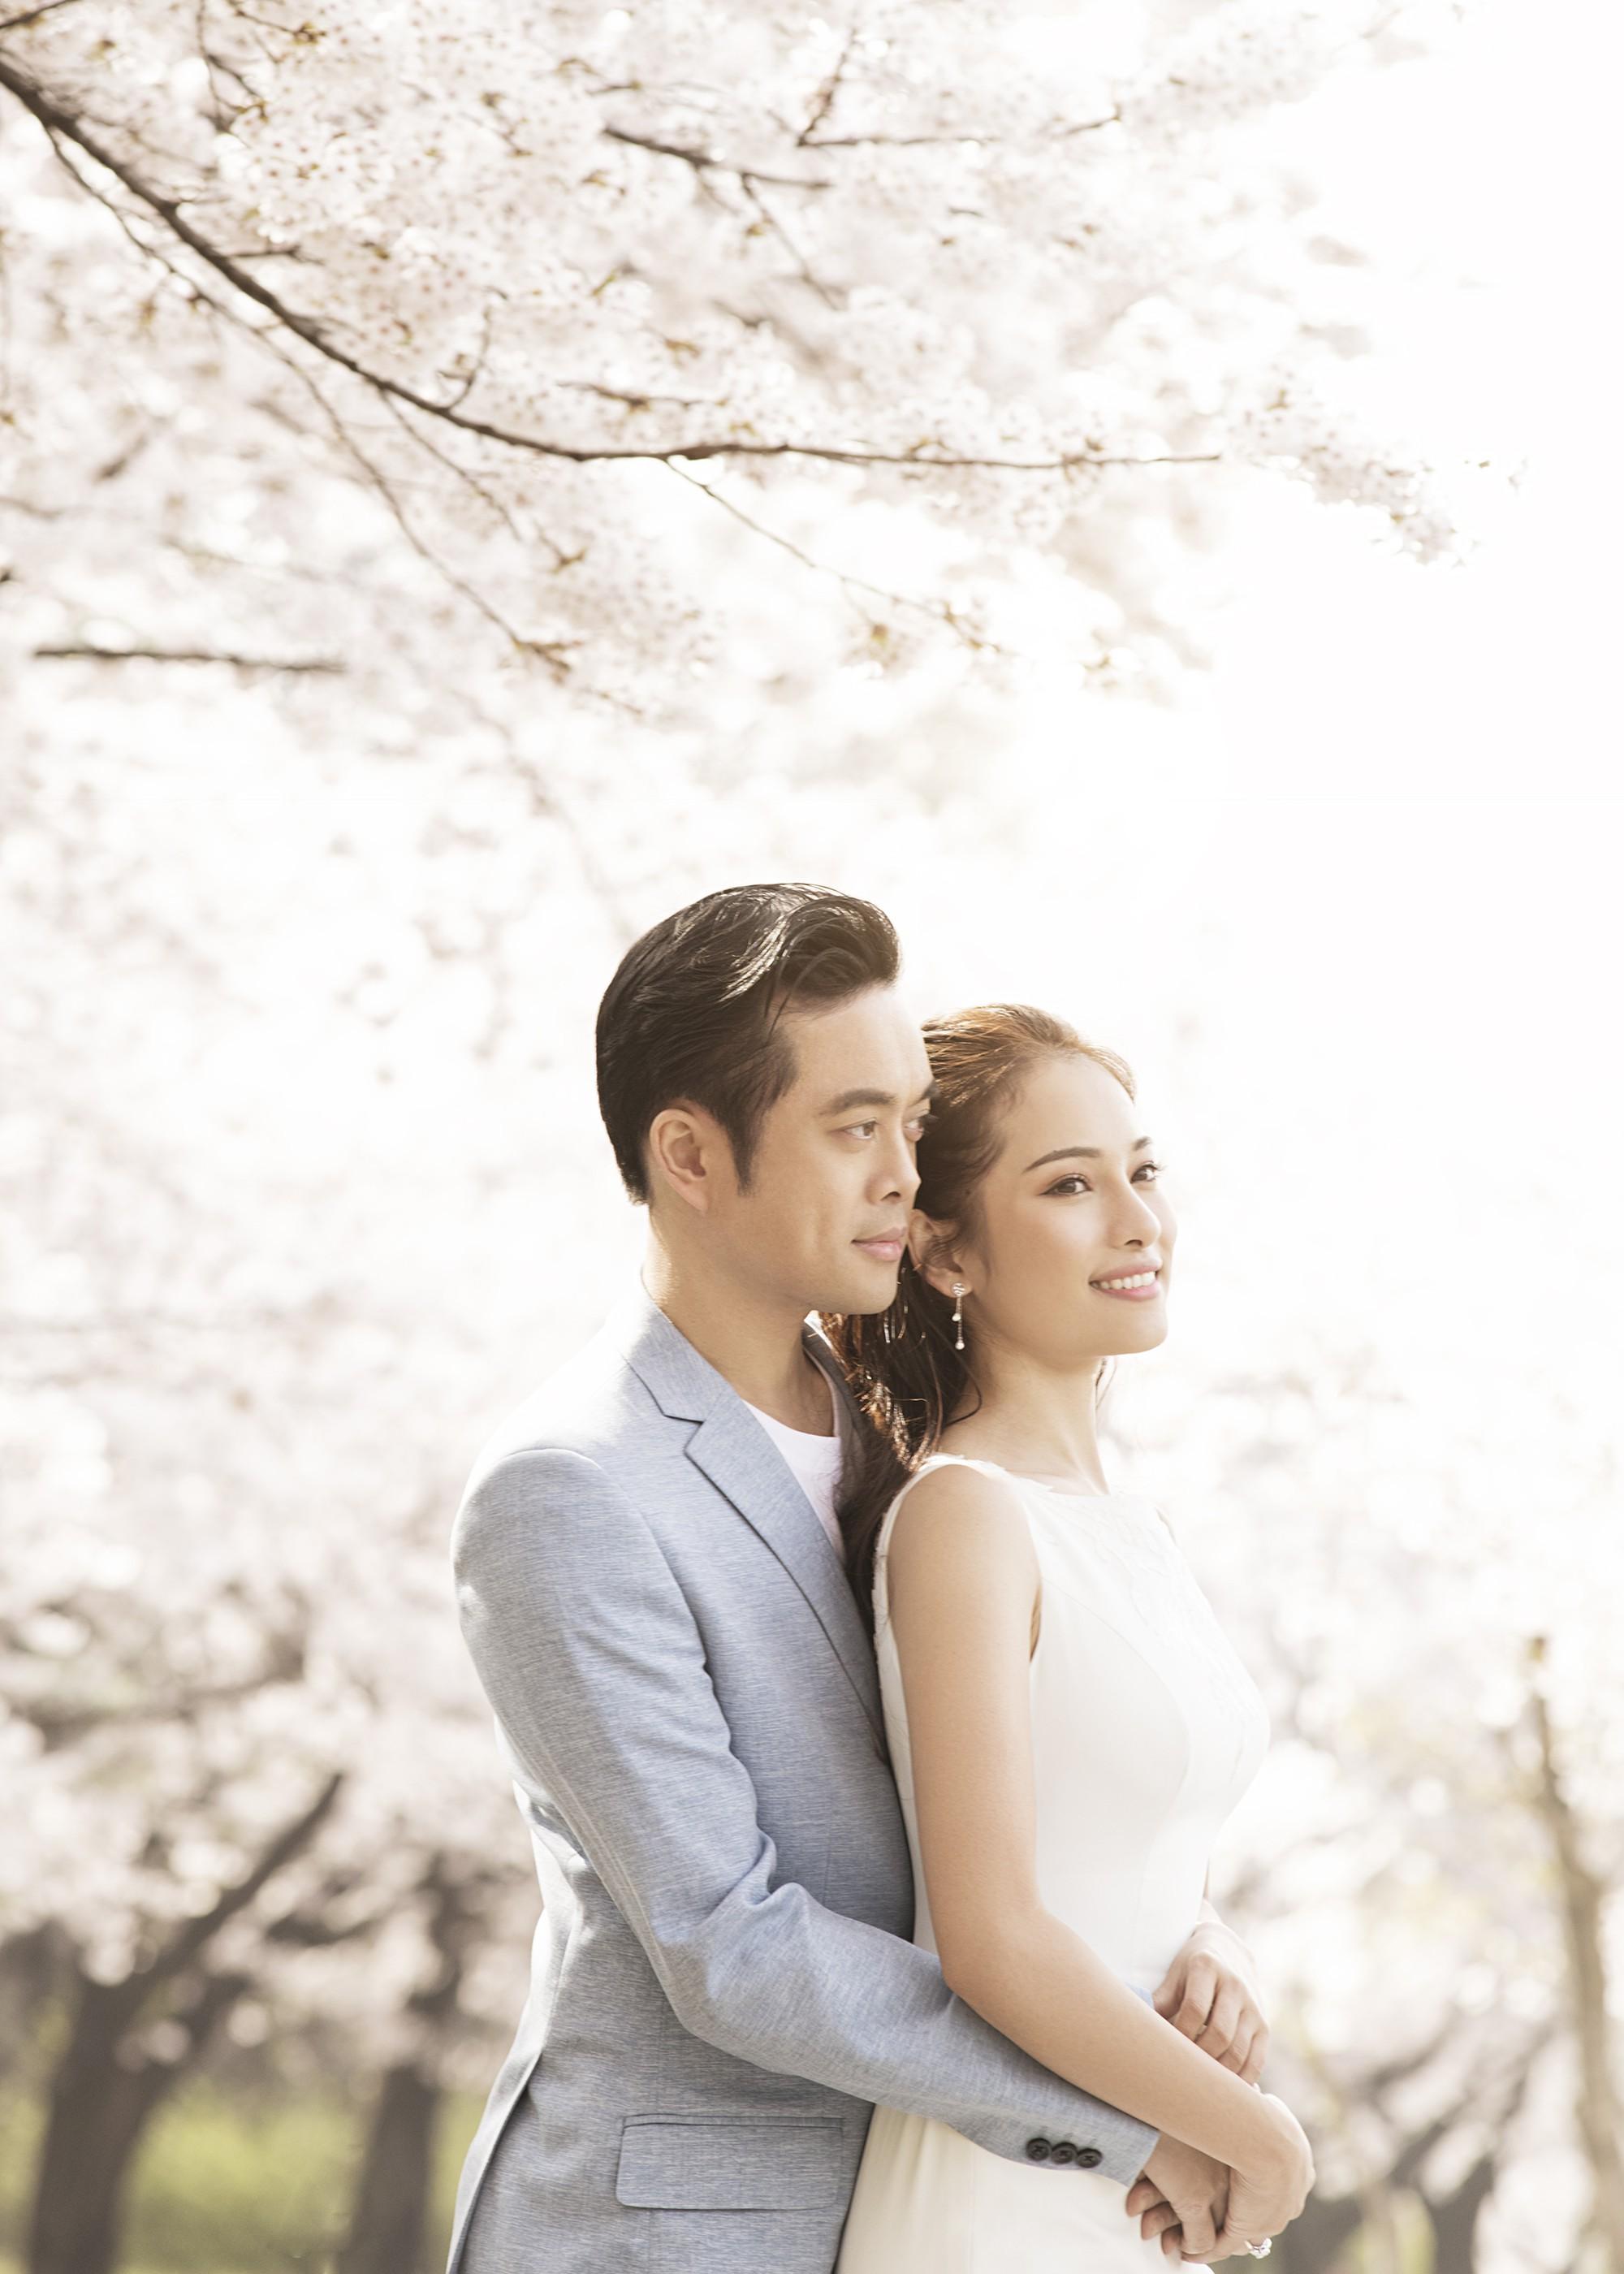 Ngắm ảnh cưới đẹp như mơ của Dương Khắc Linh và bạn gái Sara Lưu 5